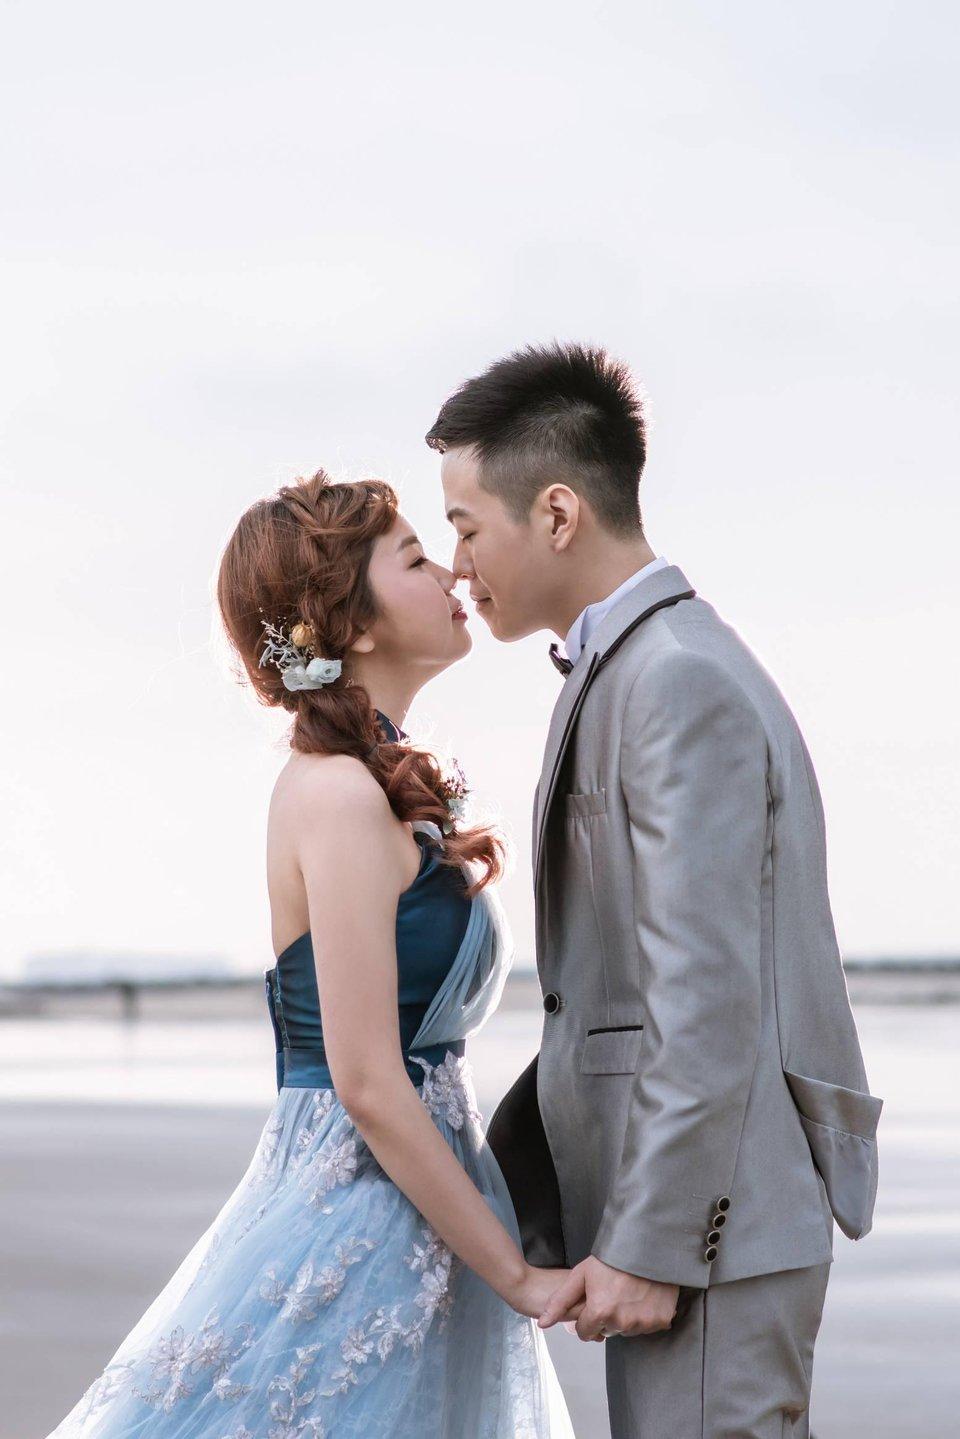 伊頓自助婚紗攝影工作室(新北板橋店),伊頓自助婚紗體驗分享